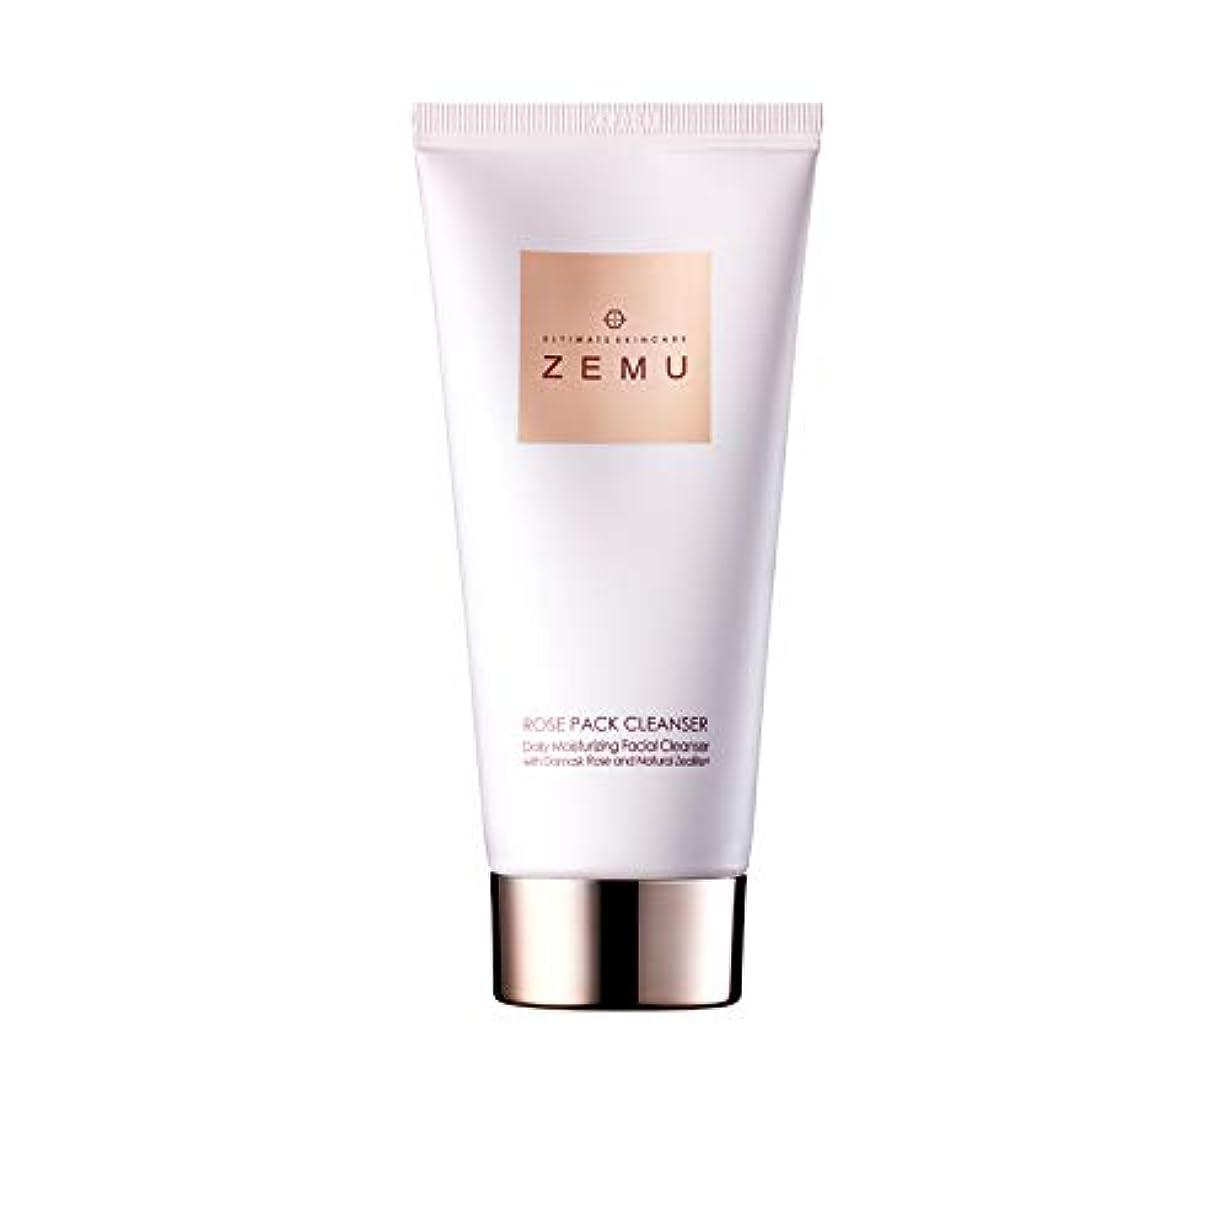 にんじん精度フィールドUltimate skincare ZEMU ローズパックフェイシャルクレンジングフォーム4.06オズ